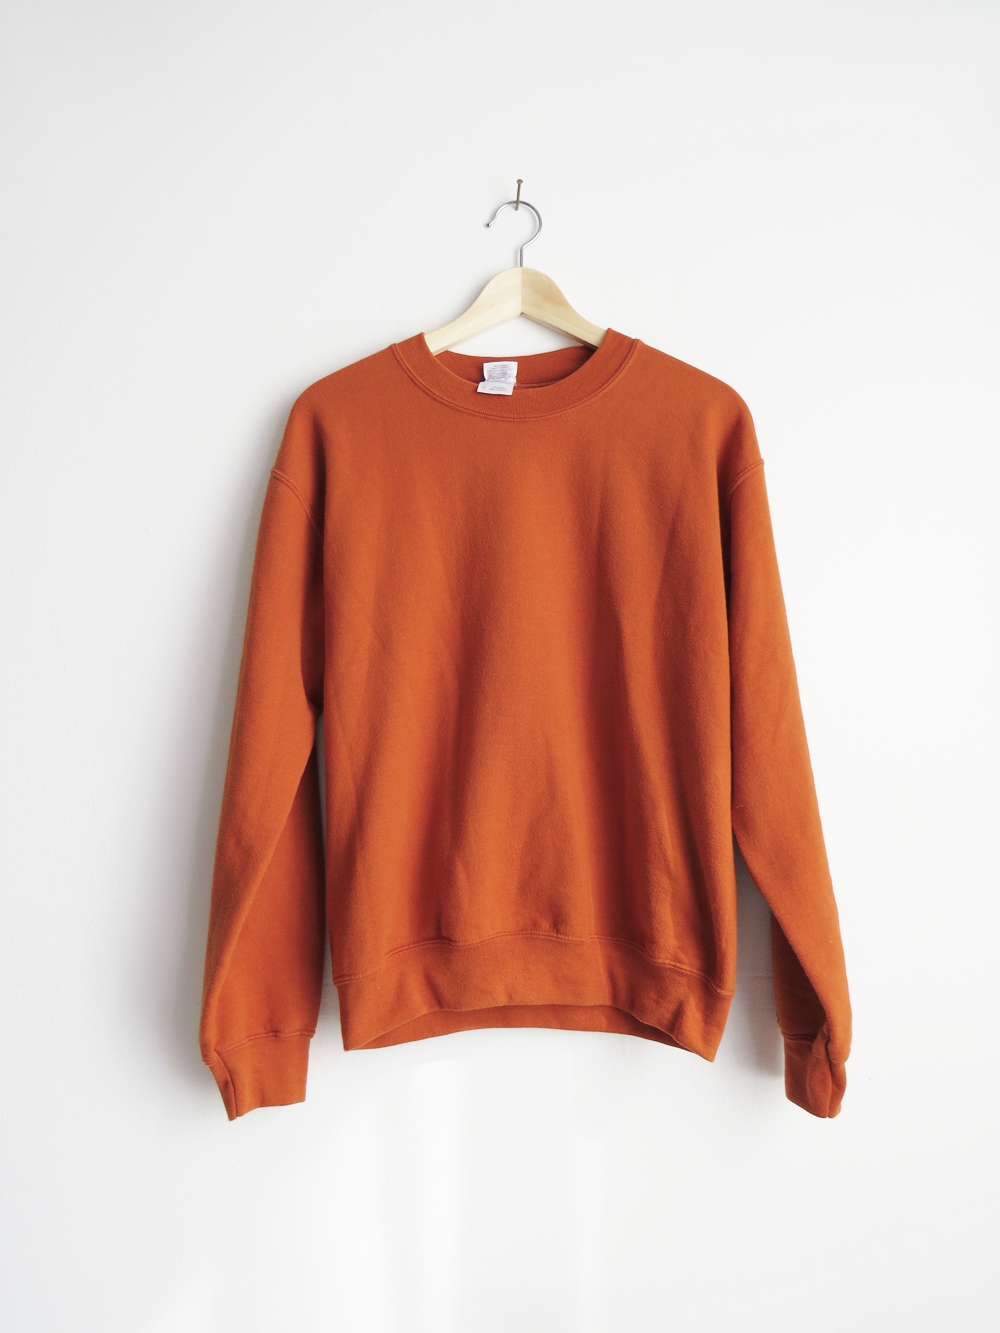 Burnt Orange Sweatshirt Vintage 1990 S Street Sweatshirt Sold Clothes Vintage Sweatshirt Street Sweatshirt [ 1333 x 1000 Pixel ]